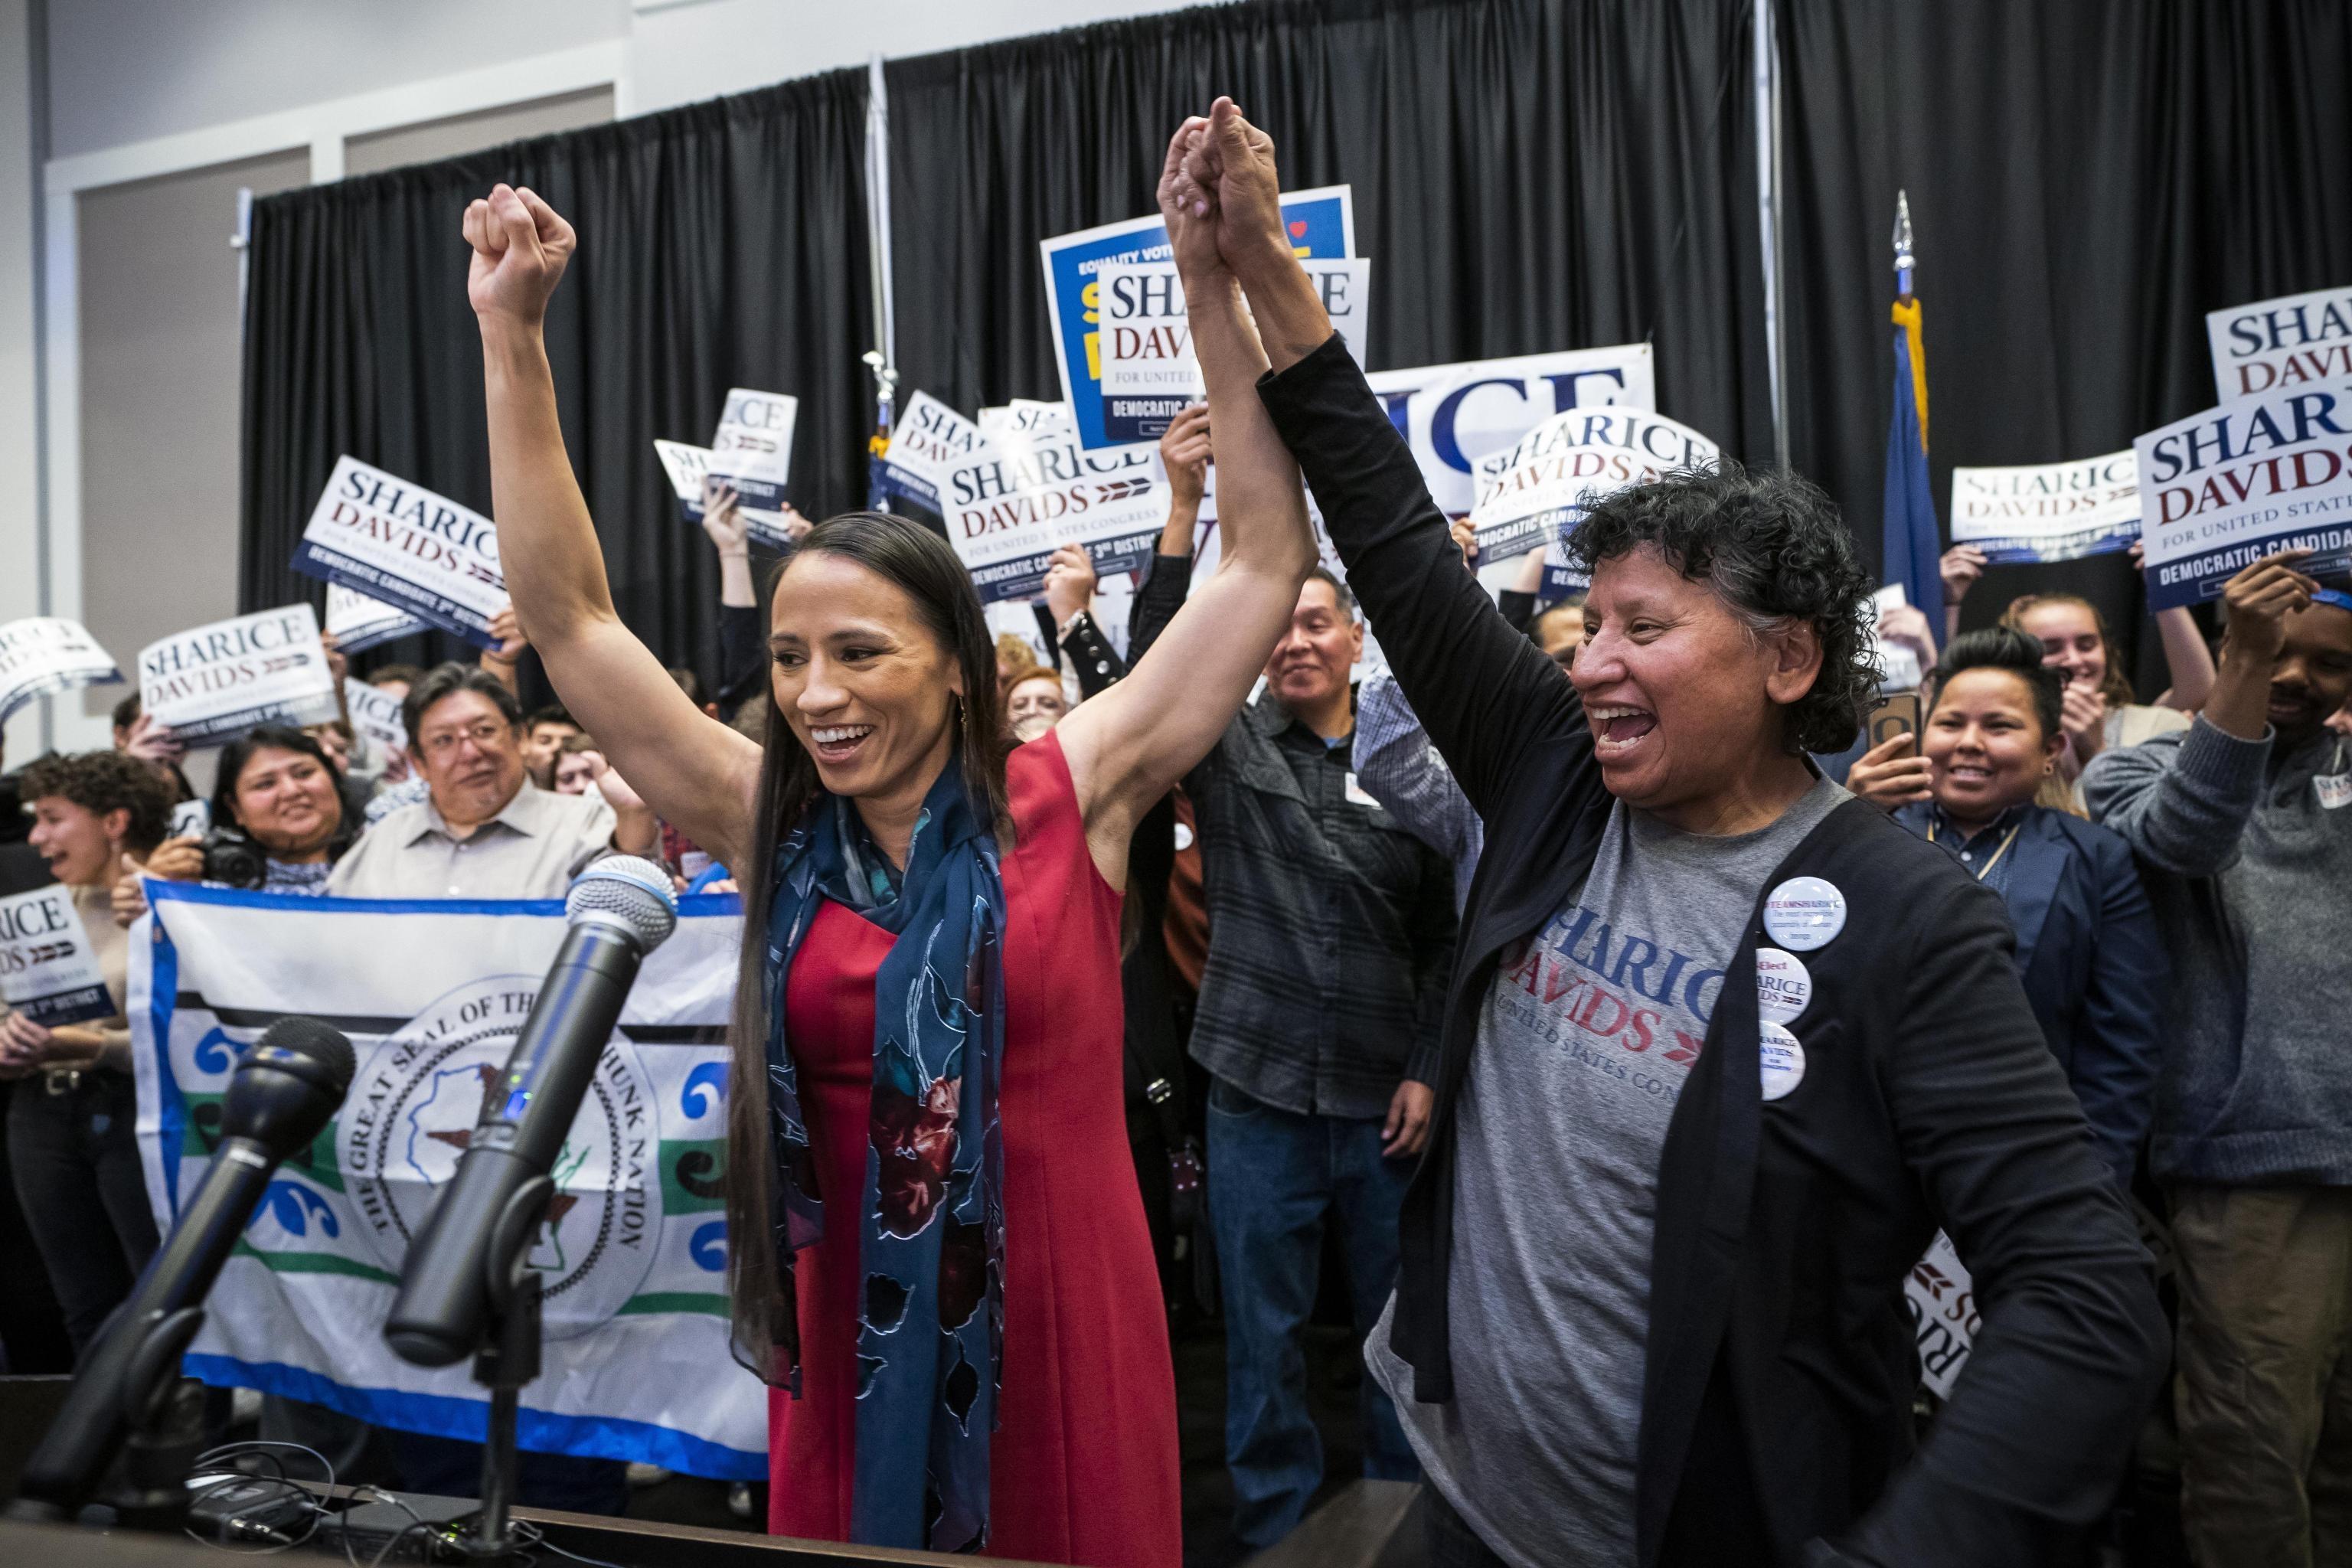 Deb Haaland e Sharice Davids (nella foto) sono le prime native americane a vincere un seggio alle elezioni: anche loro fanno parte delle tantissime donne candidate dal Partito democratico